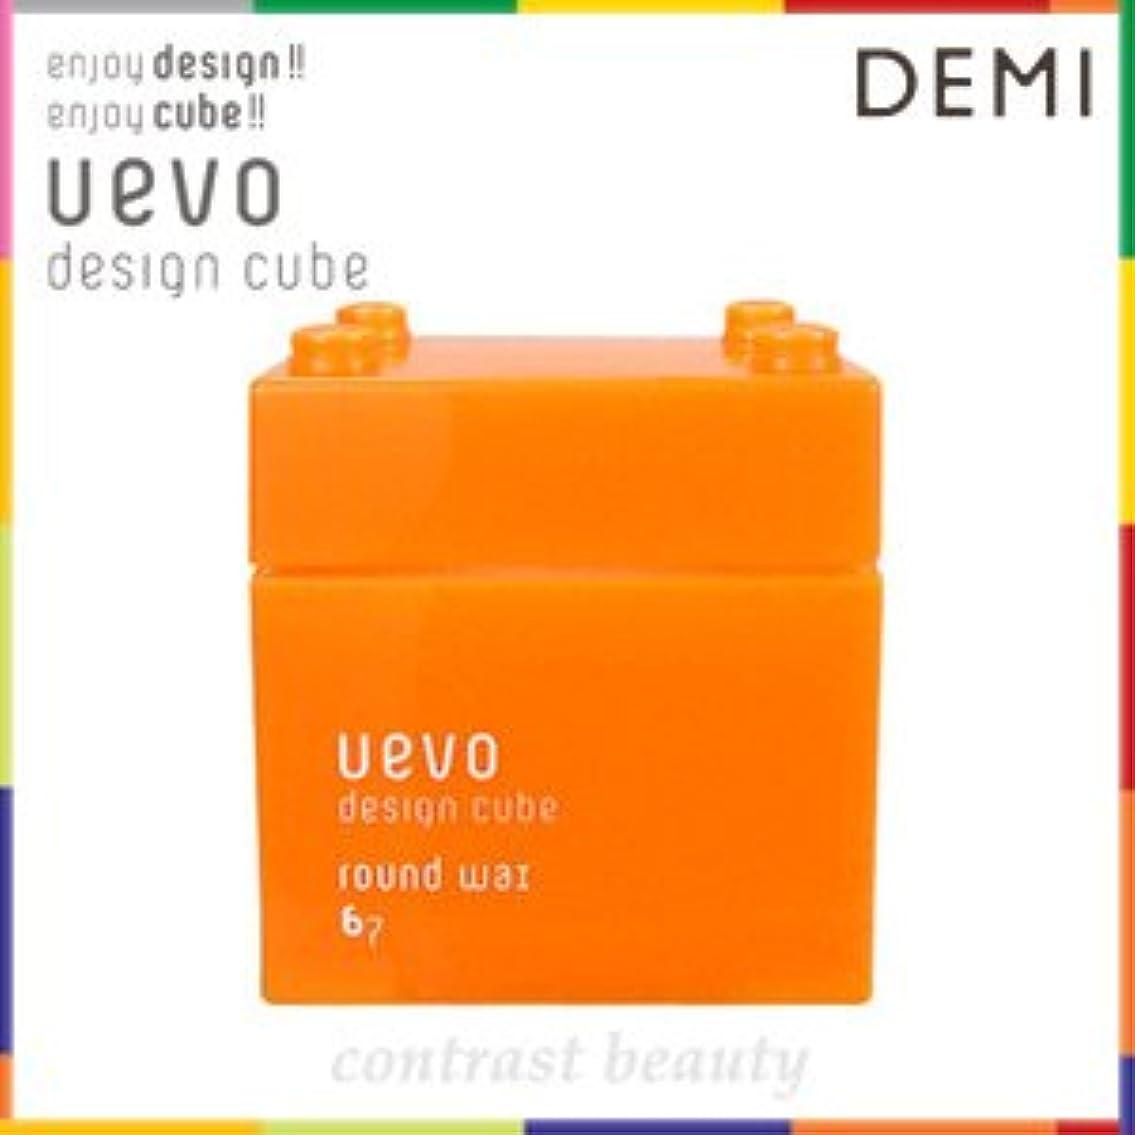 【X2個セット】 デミ ウェーボ デザインキューブ ラウンドワックス 80g round wax DEMI uevo design cube